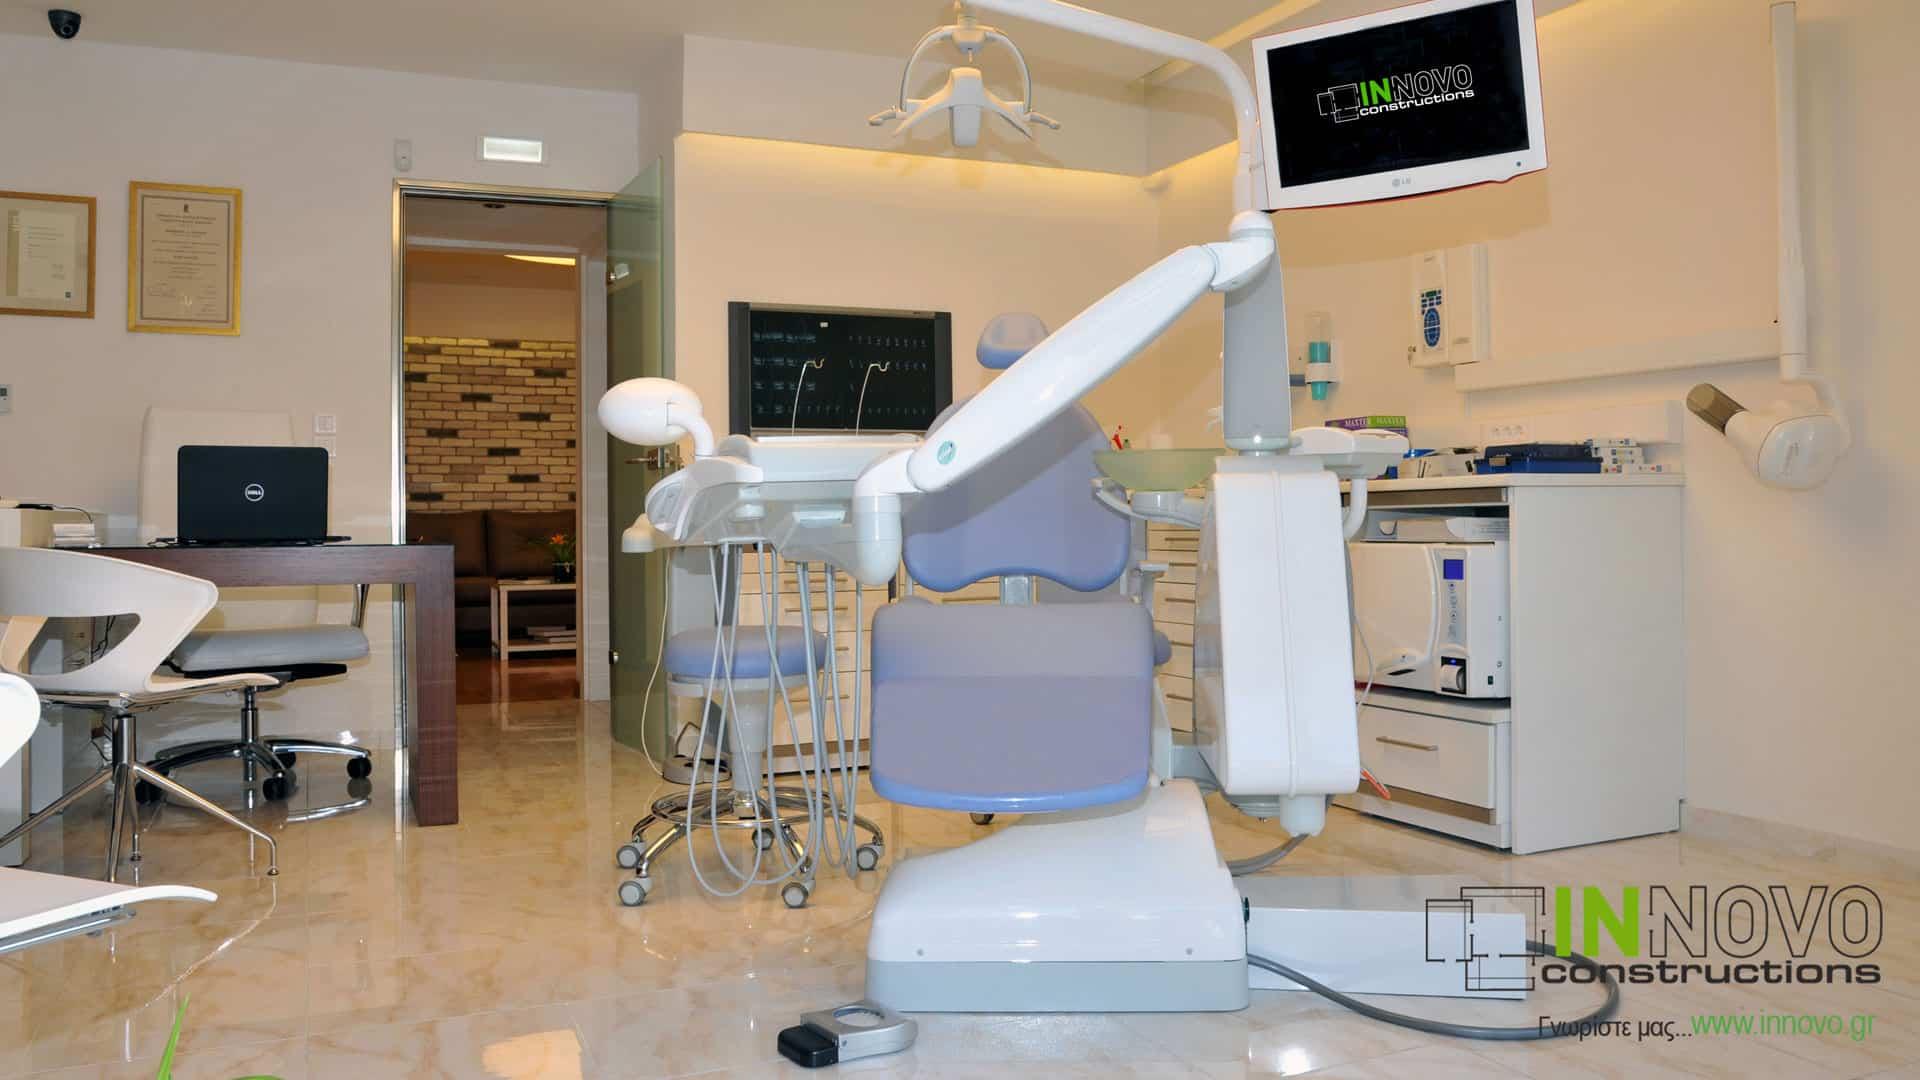 Σχεδιασμός οδοντιατρείου στο Παλαιό Φάληρο